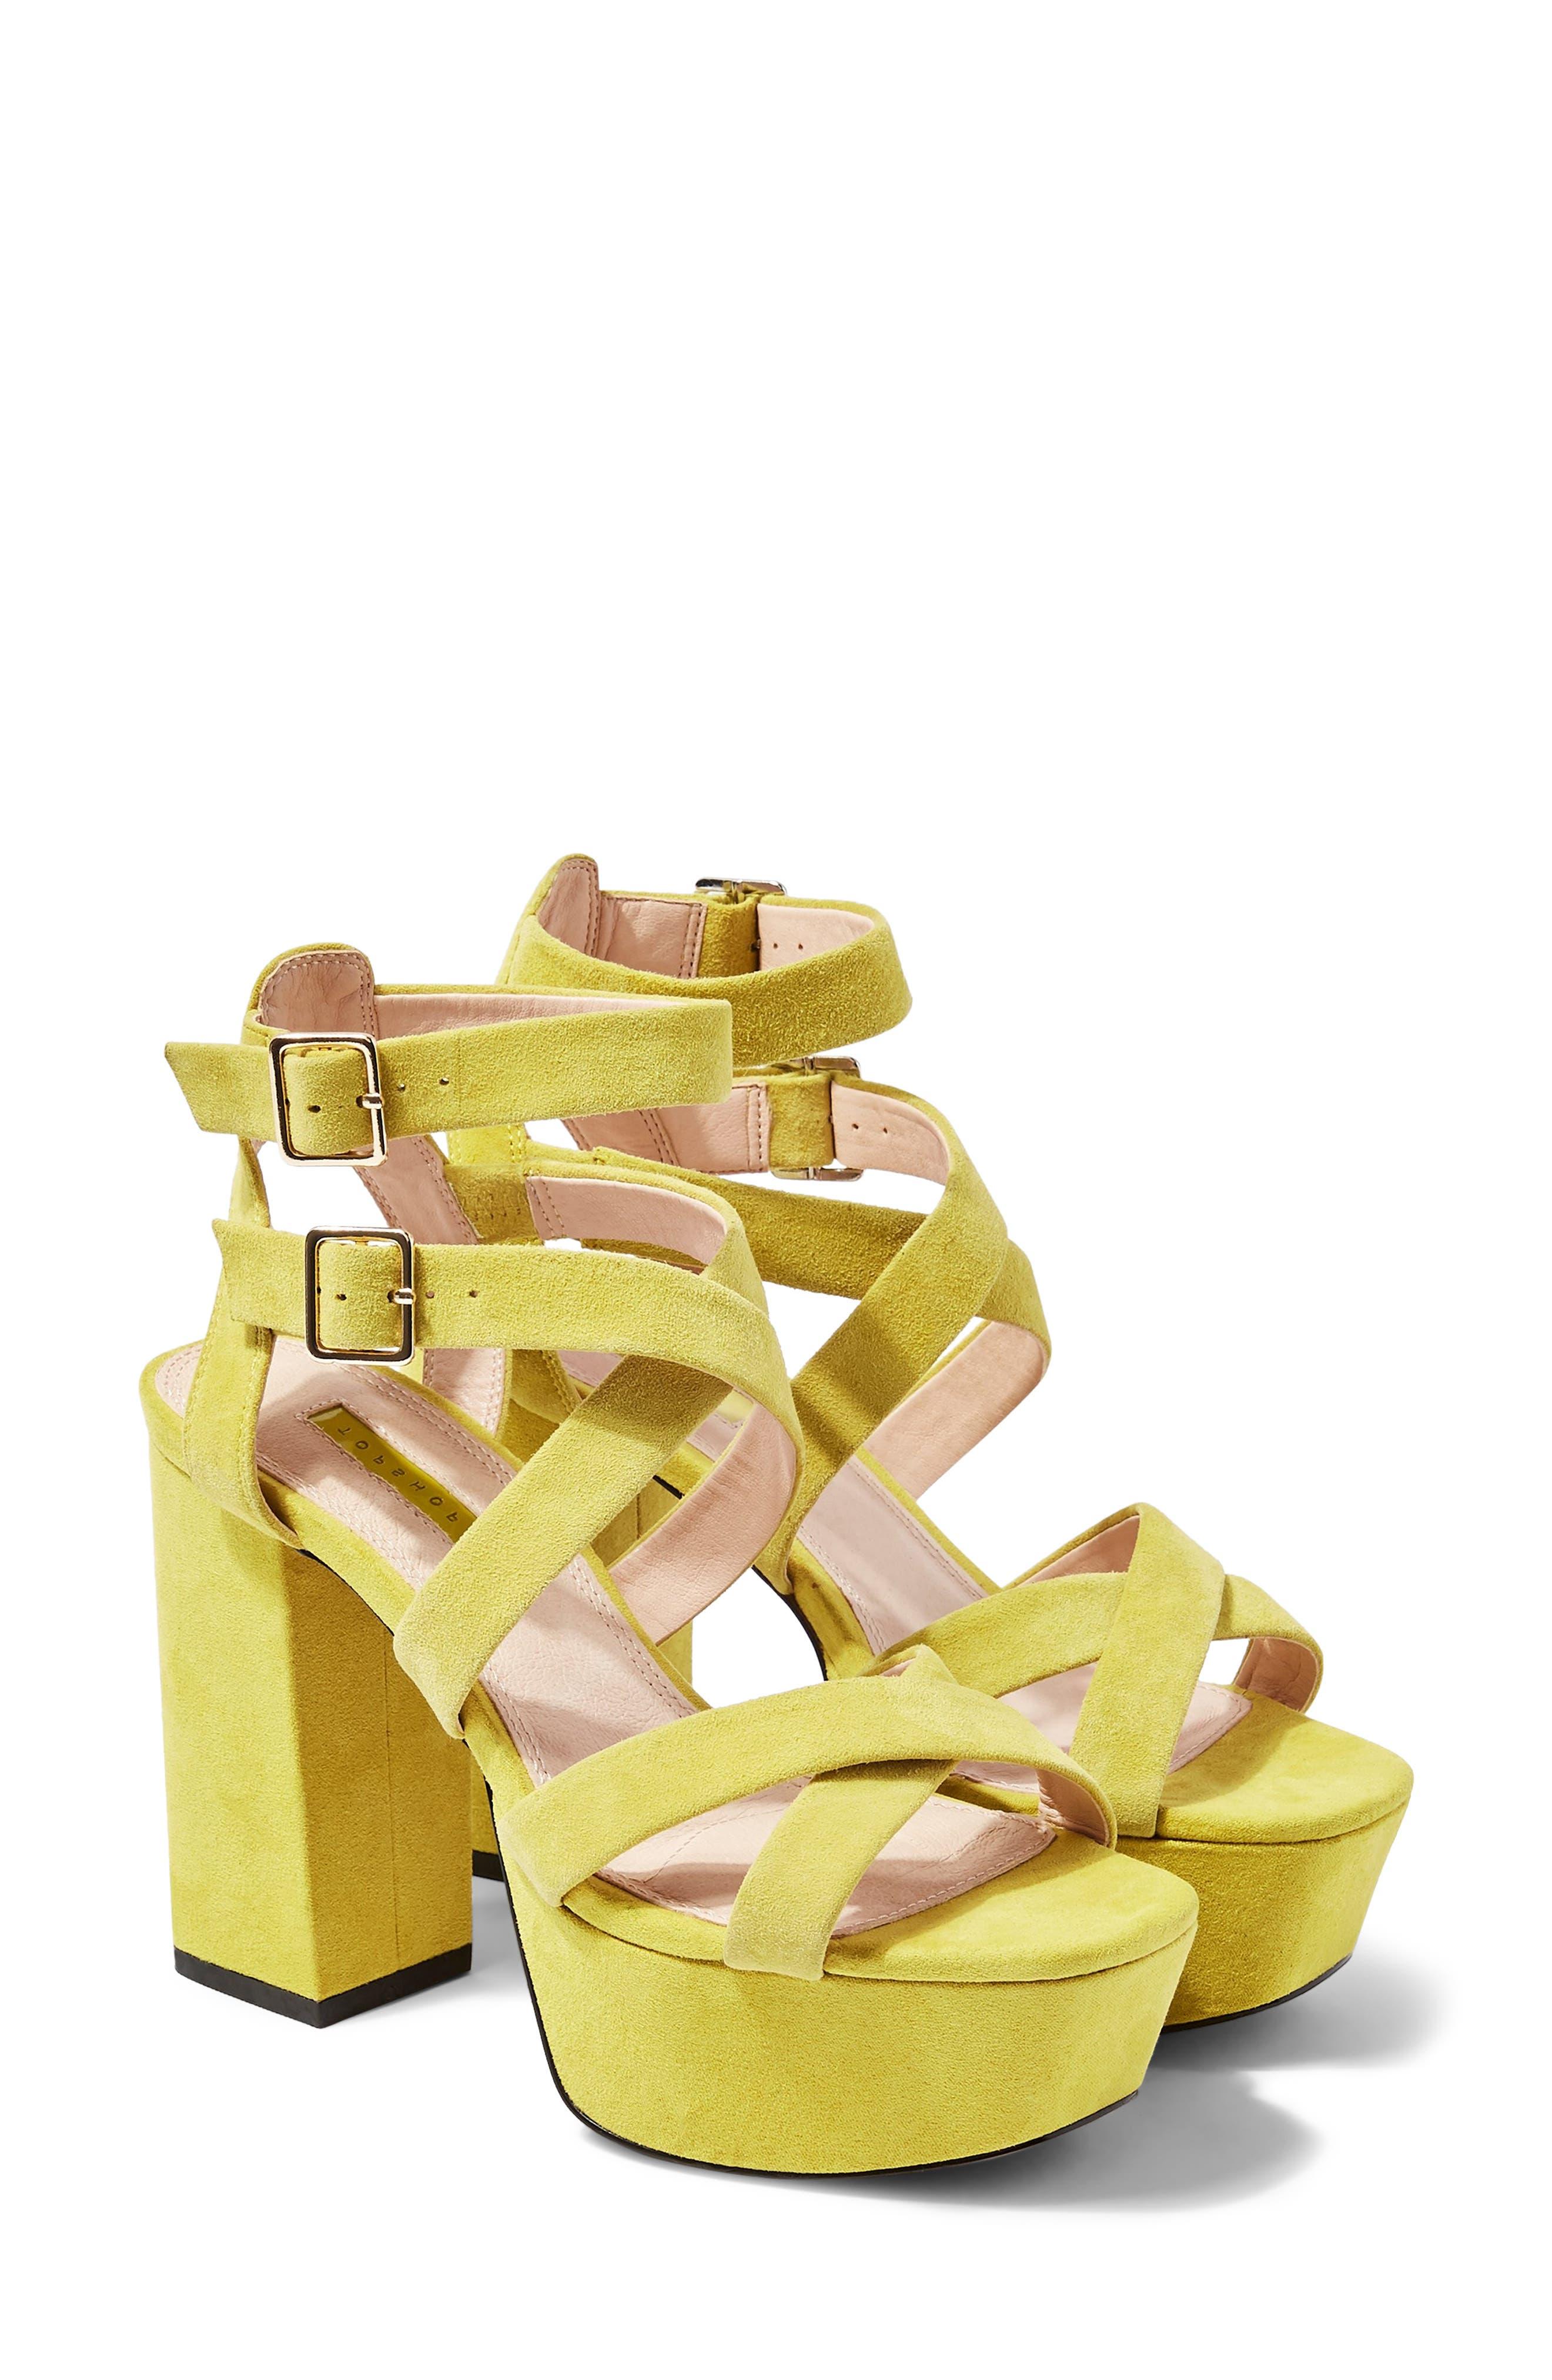 Topshop Shoesnordstrom Women's Yellow Shoesnordstrom Women's 2IHWD9YeE